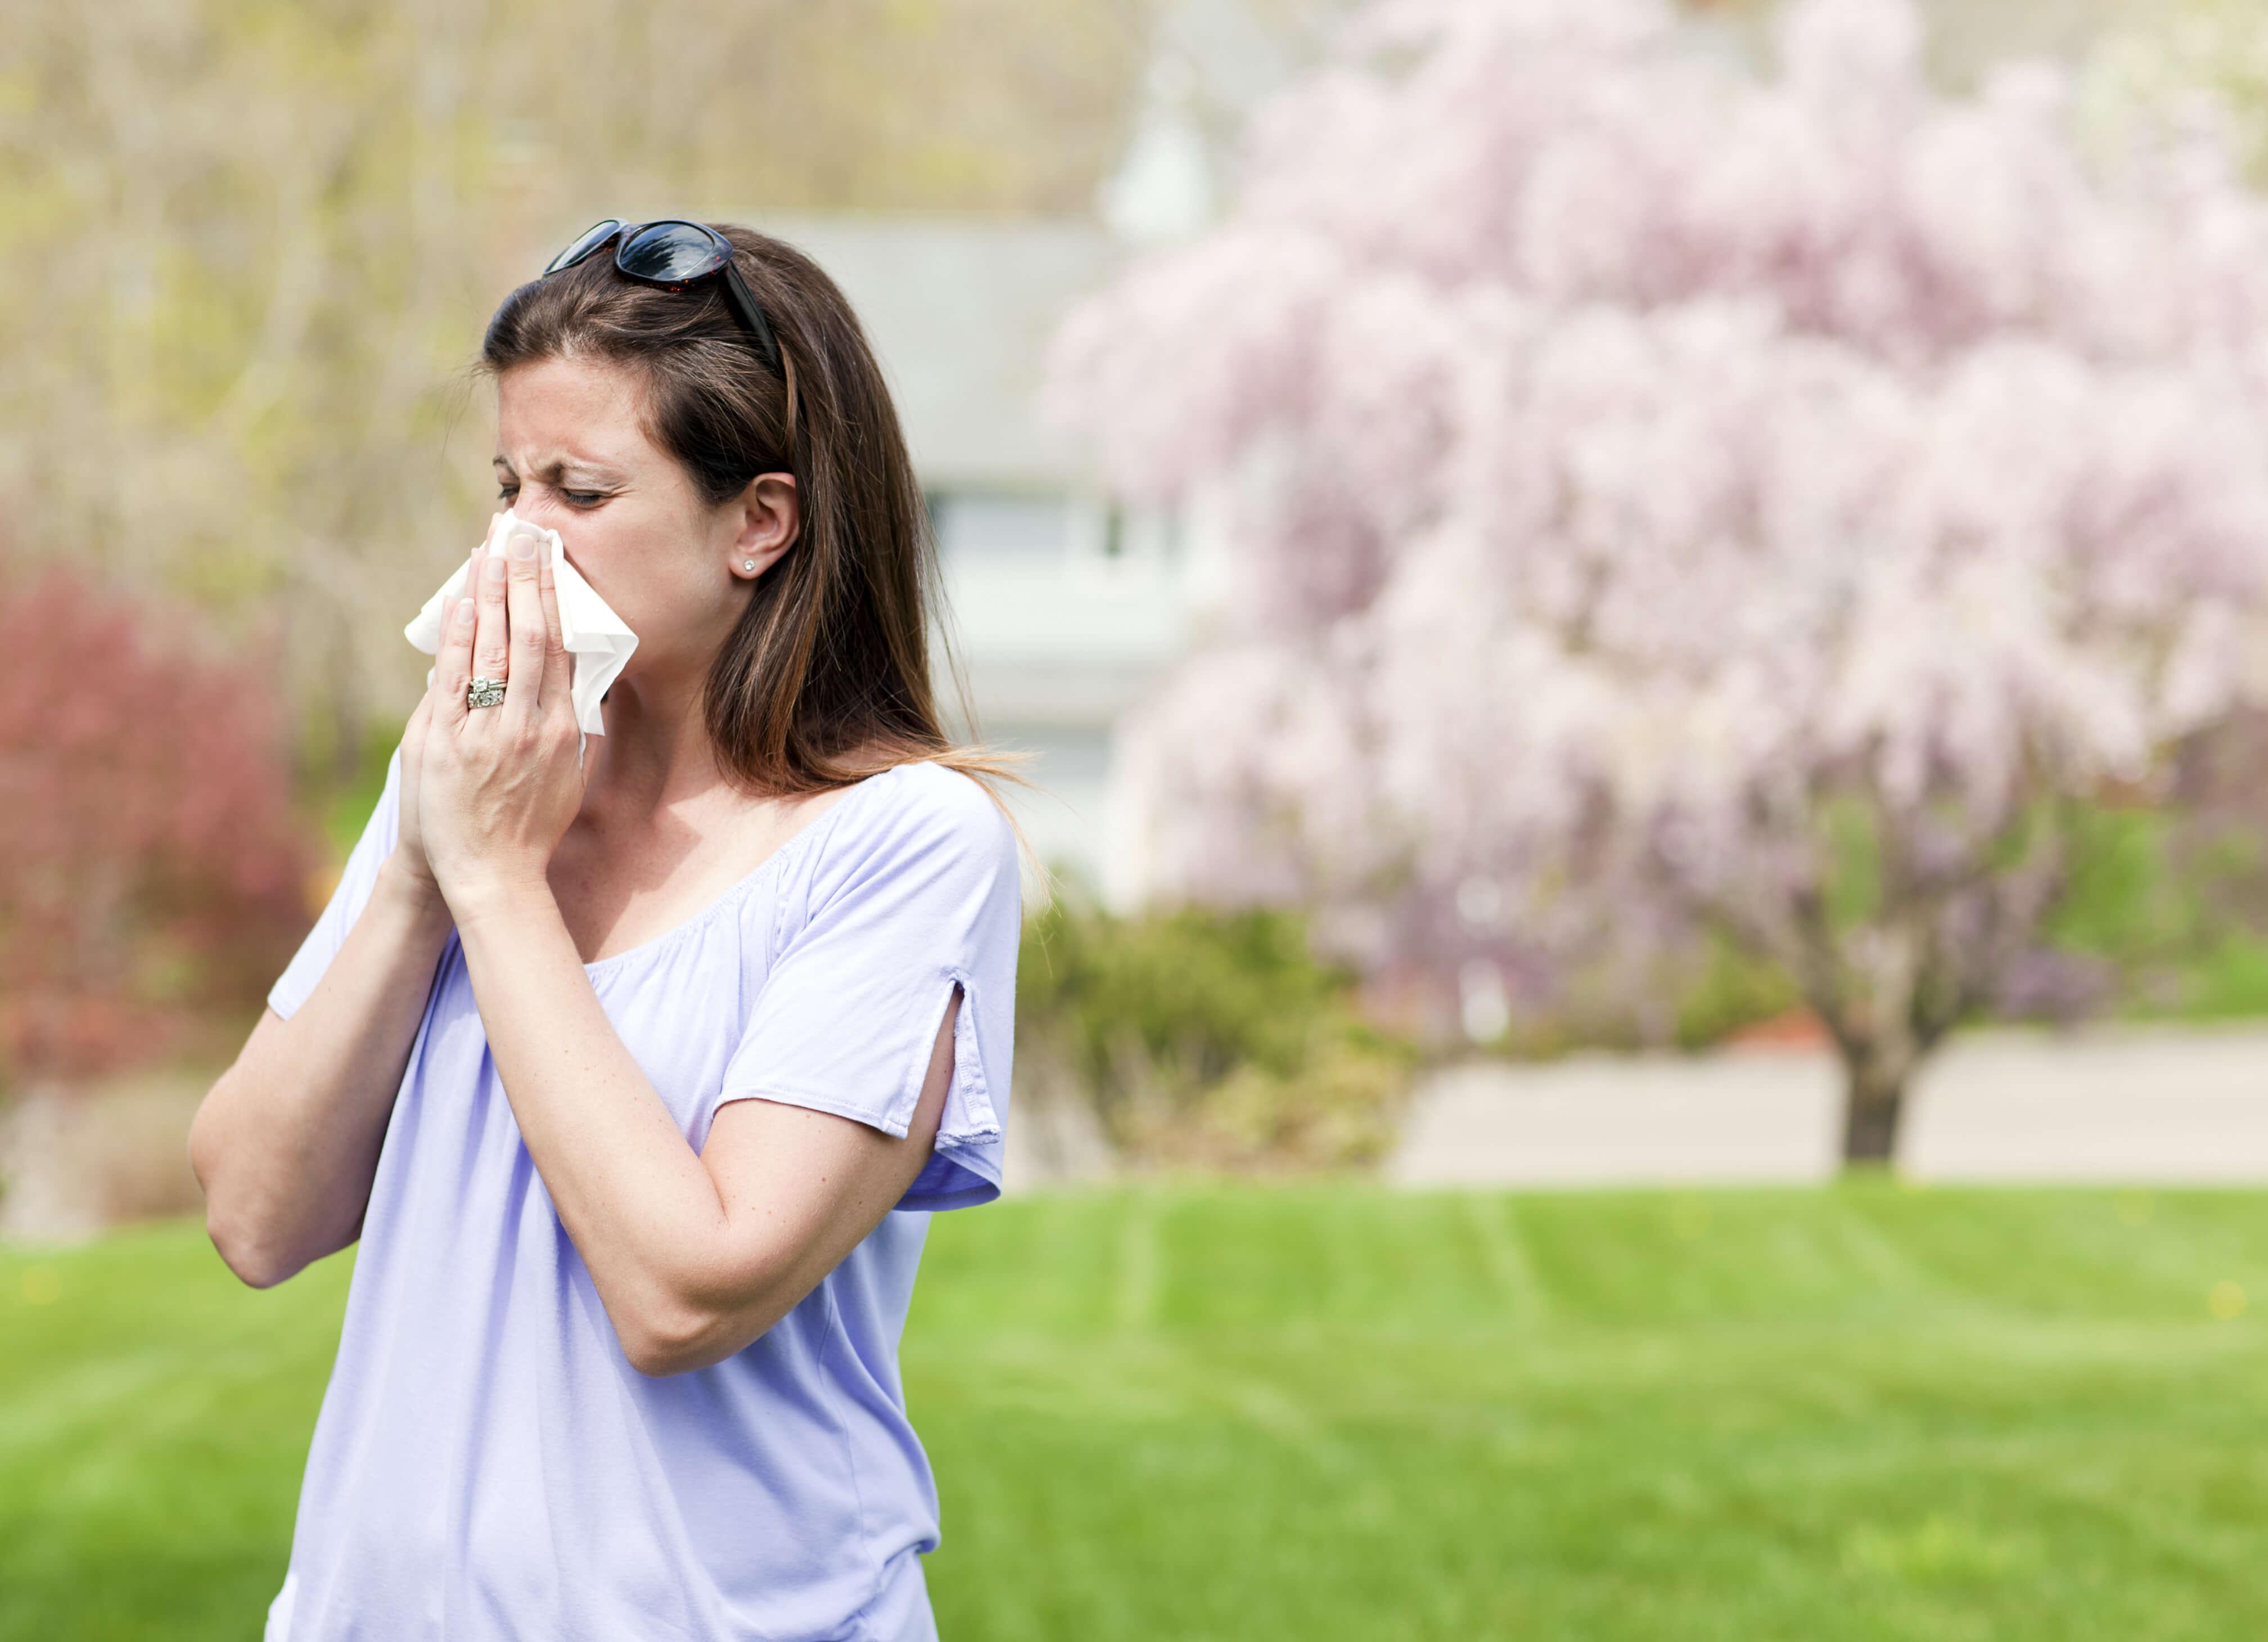 Grass Allergies